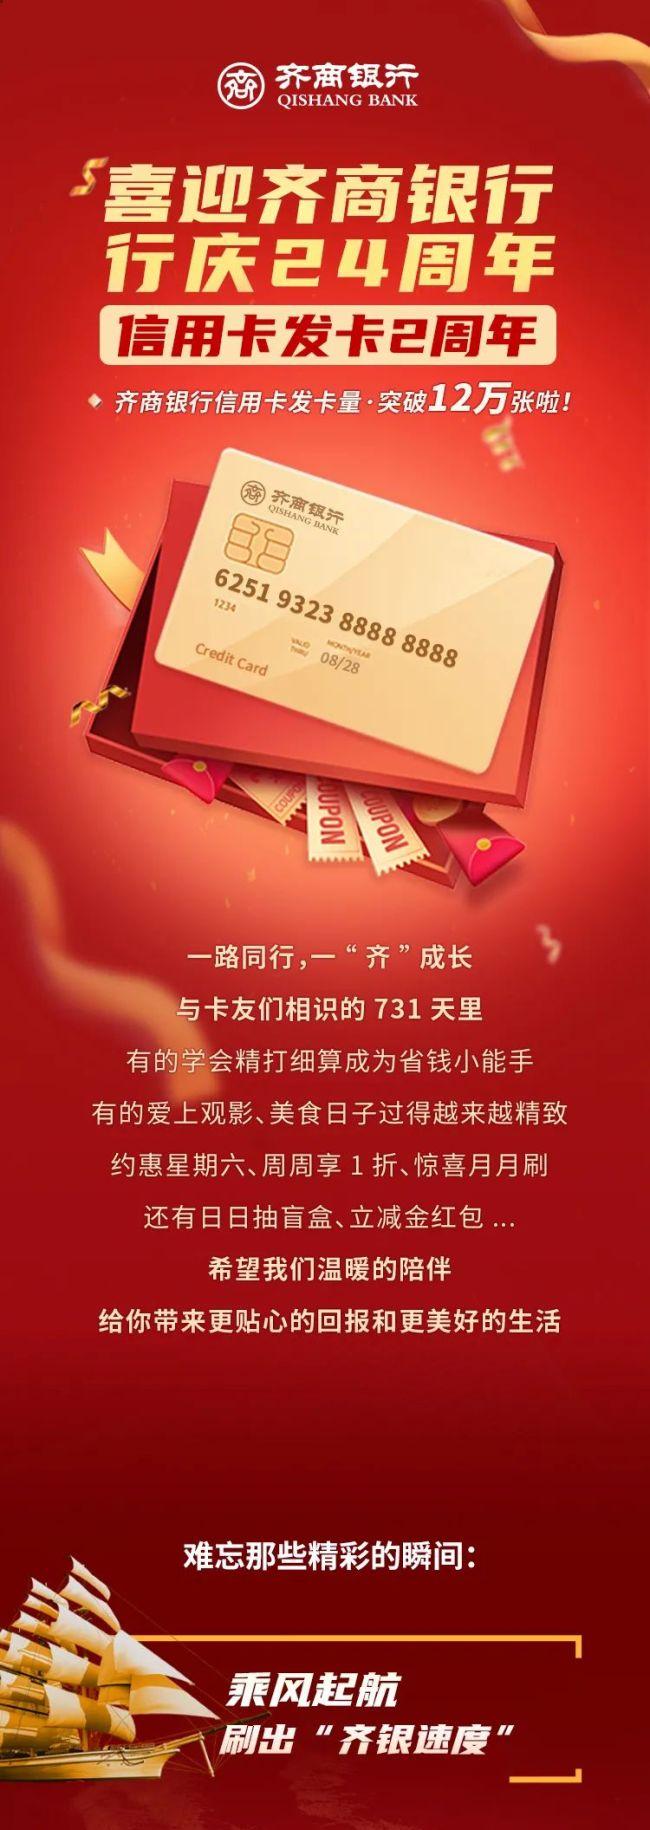 齐商银行24周年庆,10大特惠来袭